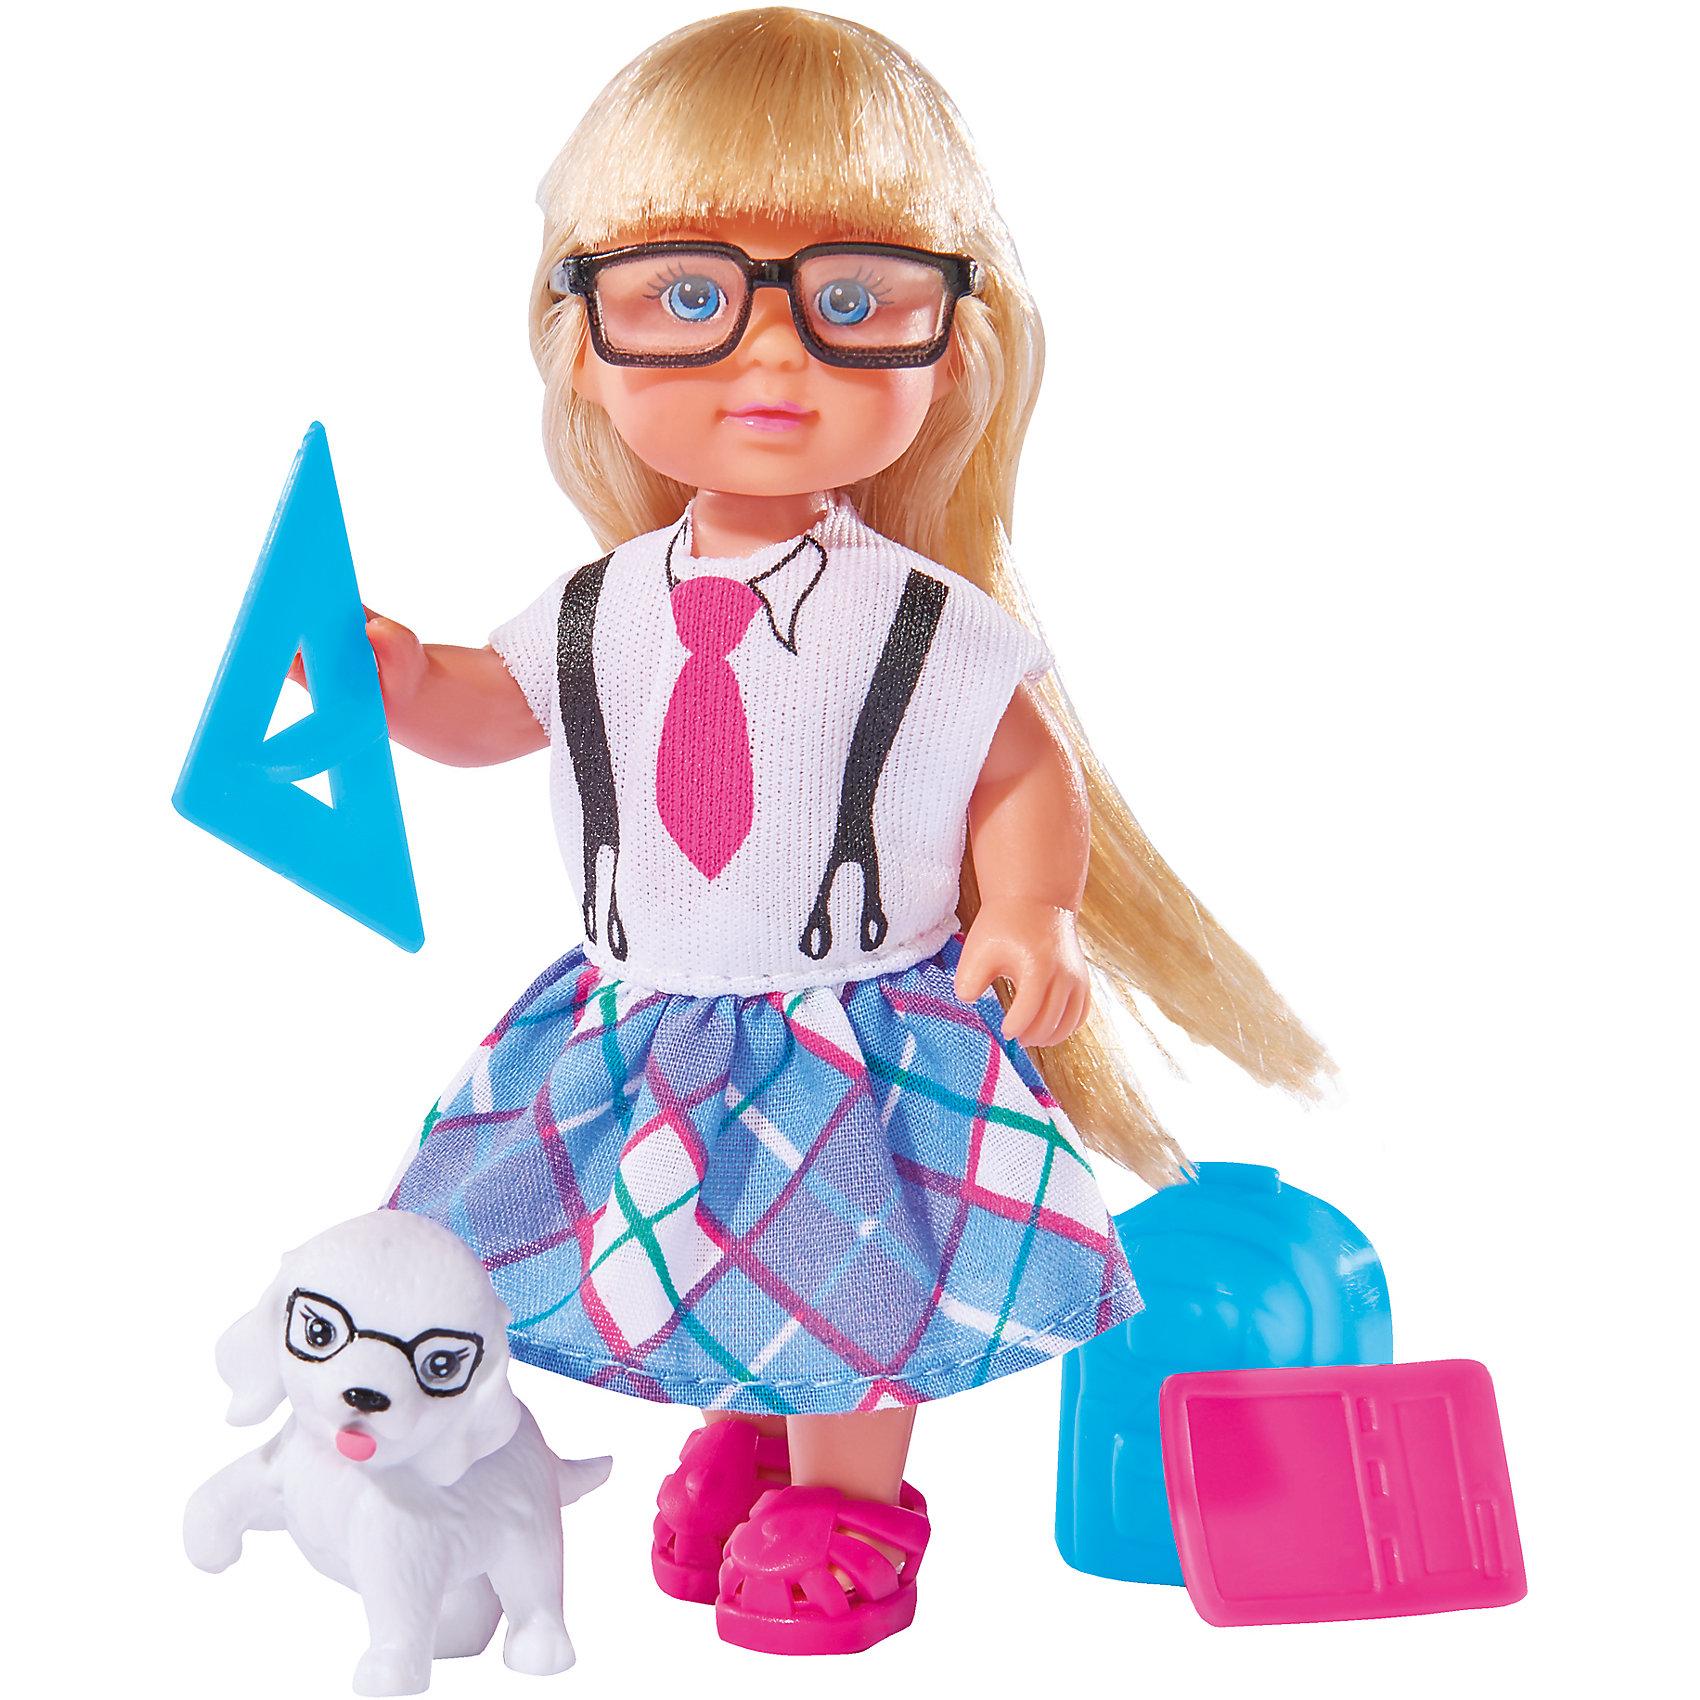 Кукла Еви и школьные принадлежности, SimbaБренды кукол<br>Характеристики товара:<br><br>- цвет: разноцветный;<br>- материал: пластик;<br>- возраст: от трех лет;<br>- комплектация: кукла, одежда, фигурка животного, аксессуары;<br>- высота куклы: 12 см.<br><br>Эта симпатичная кукла Еви от известного бренда приводит детей в восторг! Какая девочка сможет отказаться поиграть с куклами, которые дополнены набором в виде домашнего животного и полезных предметов?! В набор также входят аксессуары для игр с куклой. Игрушка очень качественно выполнена, поэтому она станет замечательным подарком ребенку. <br>Продается набор в красивой удобной упаковке. Изделие произведено из высококачественного материала, безопасного для детей.<br><br>Куклу Еви и школьные принадлежности от бренда Simba можно купить в нашем интернет-магазине.<br><br>Ширина мм: 45<br>Глубина мм: 160<br>Высота мм: 140<br>Вес г: 130<br>Возраст от месяцев: 36<br>Возраст до месяцев: 120<br>Пол: Женский<br>Возраст: Детский<br>SKU: 5119526